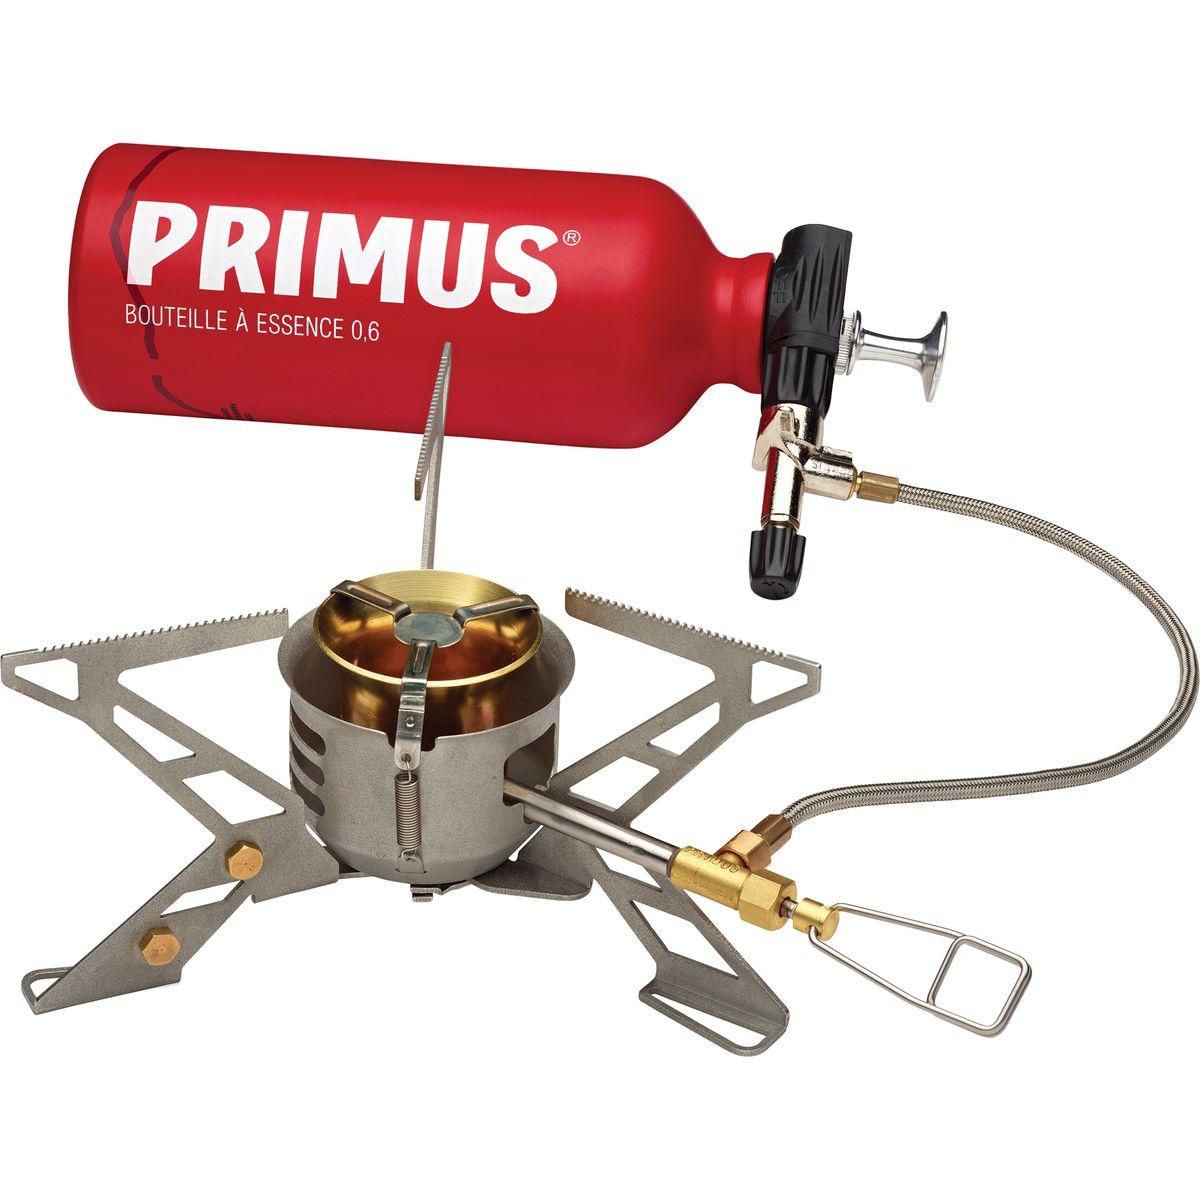 Primus OmniFuel